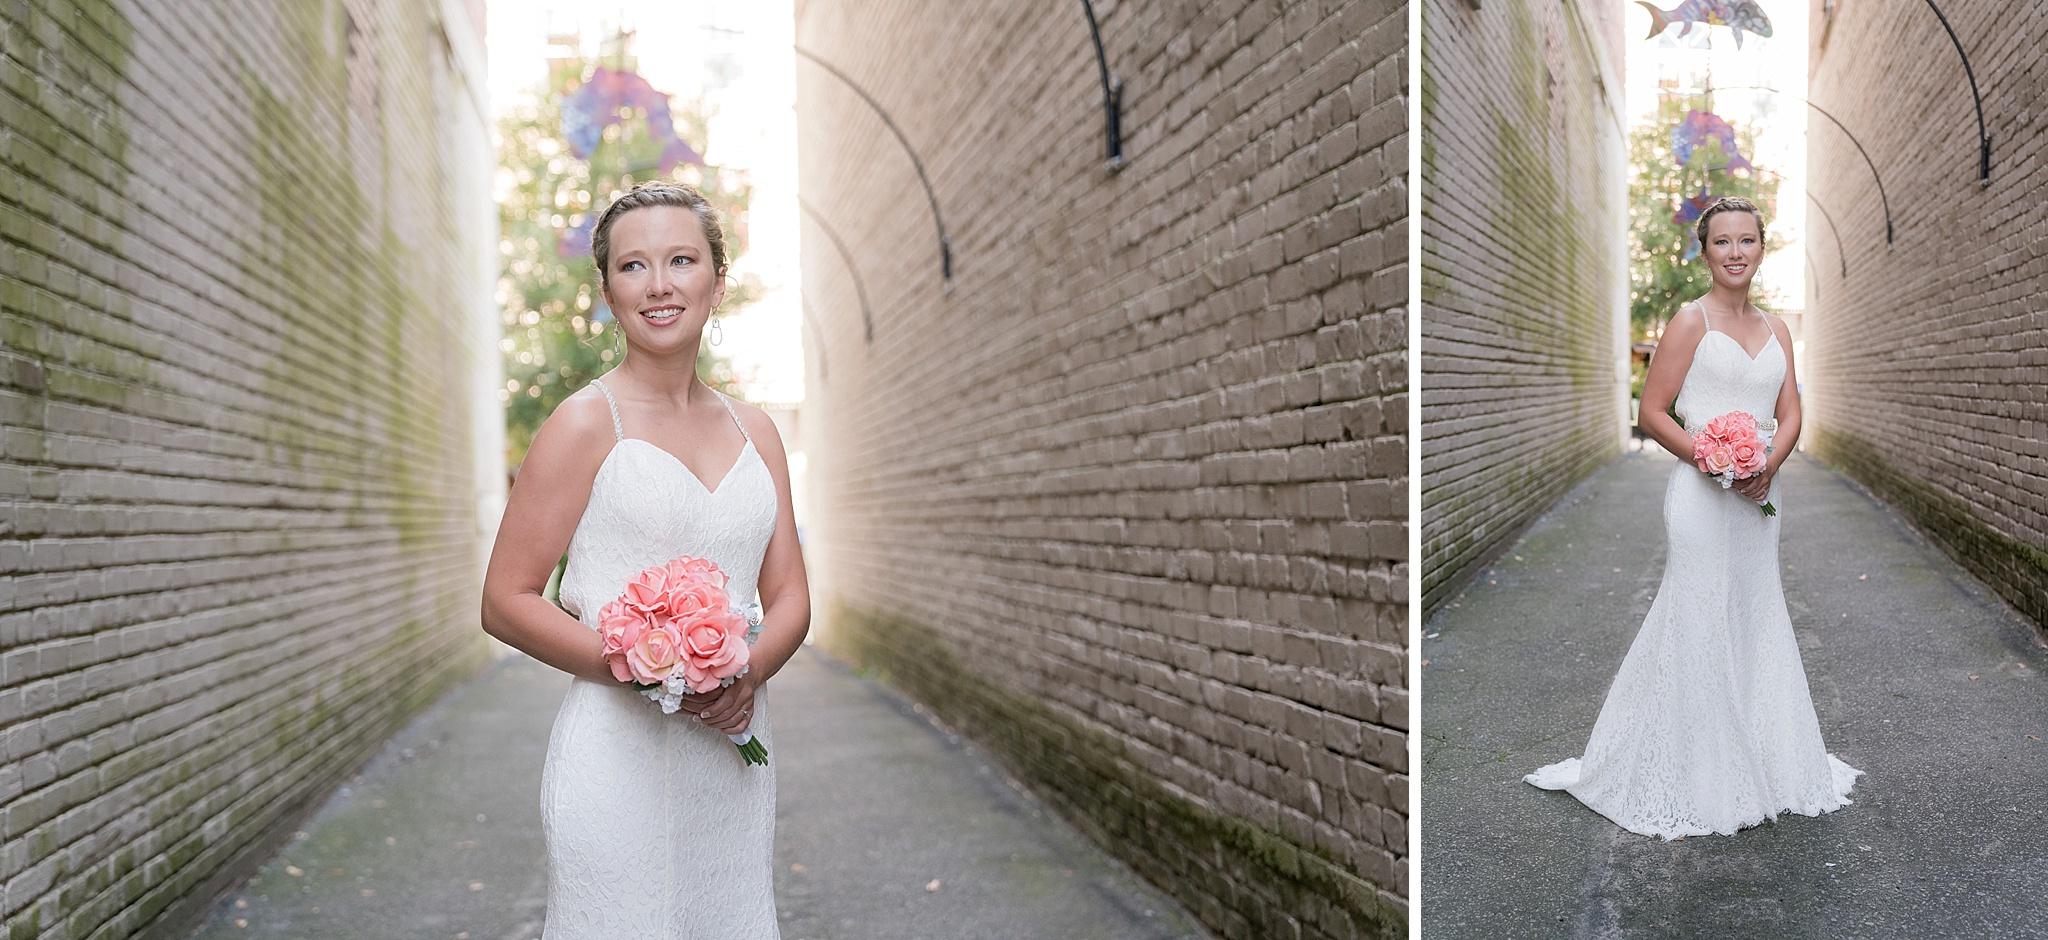 Washington-NC-Bridal-Photogrpaher-008.jpg